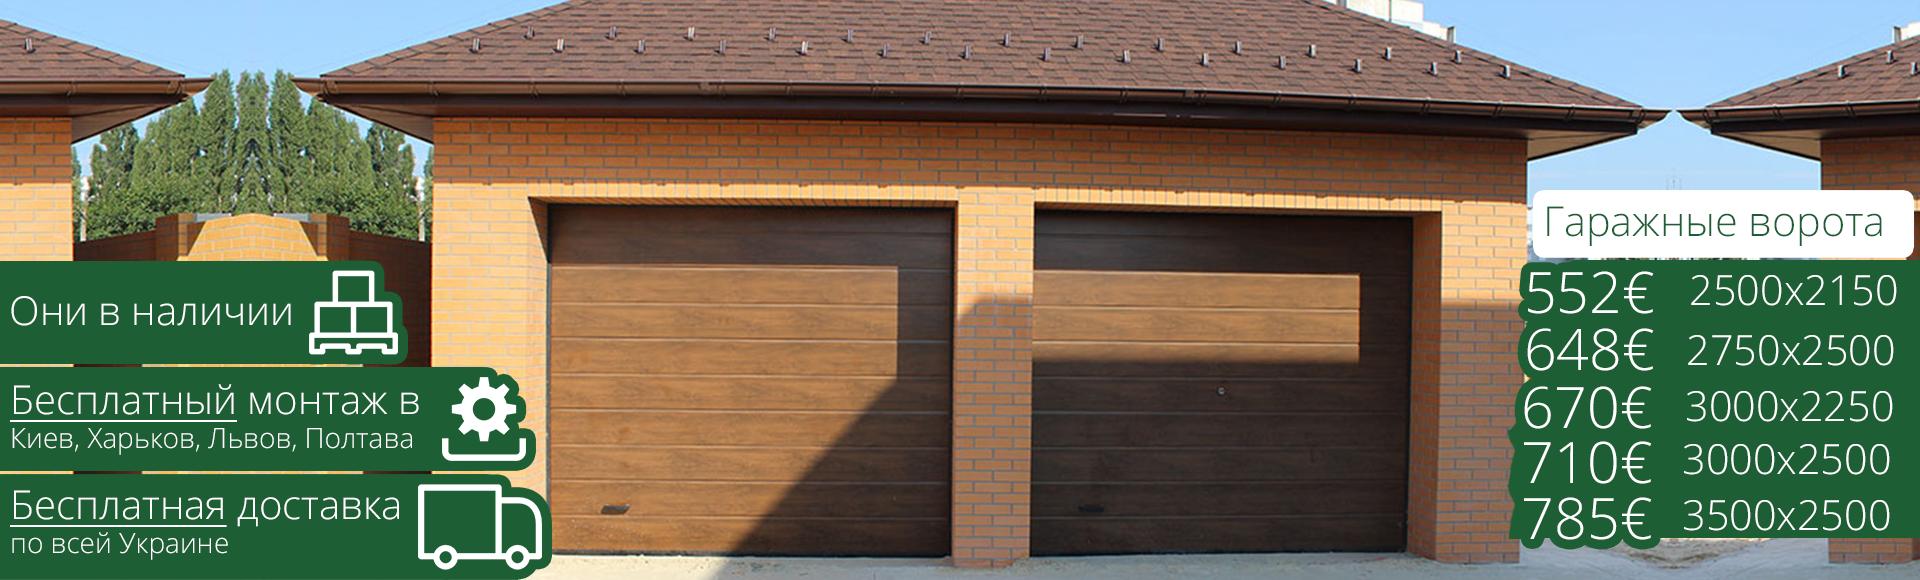 garage-vorota-akciya